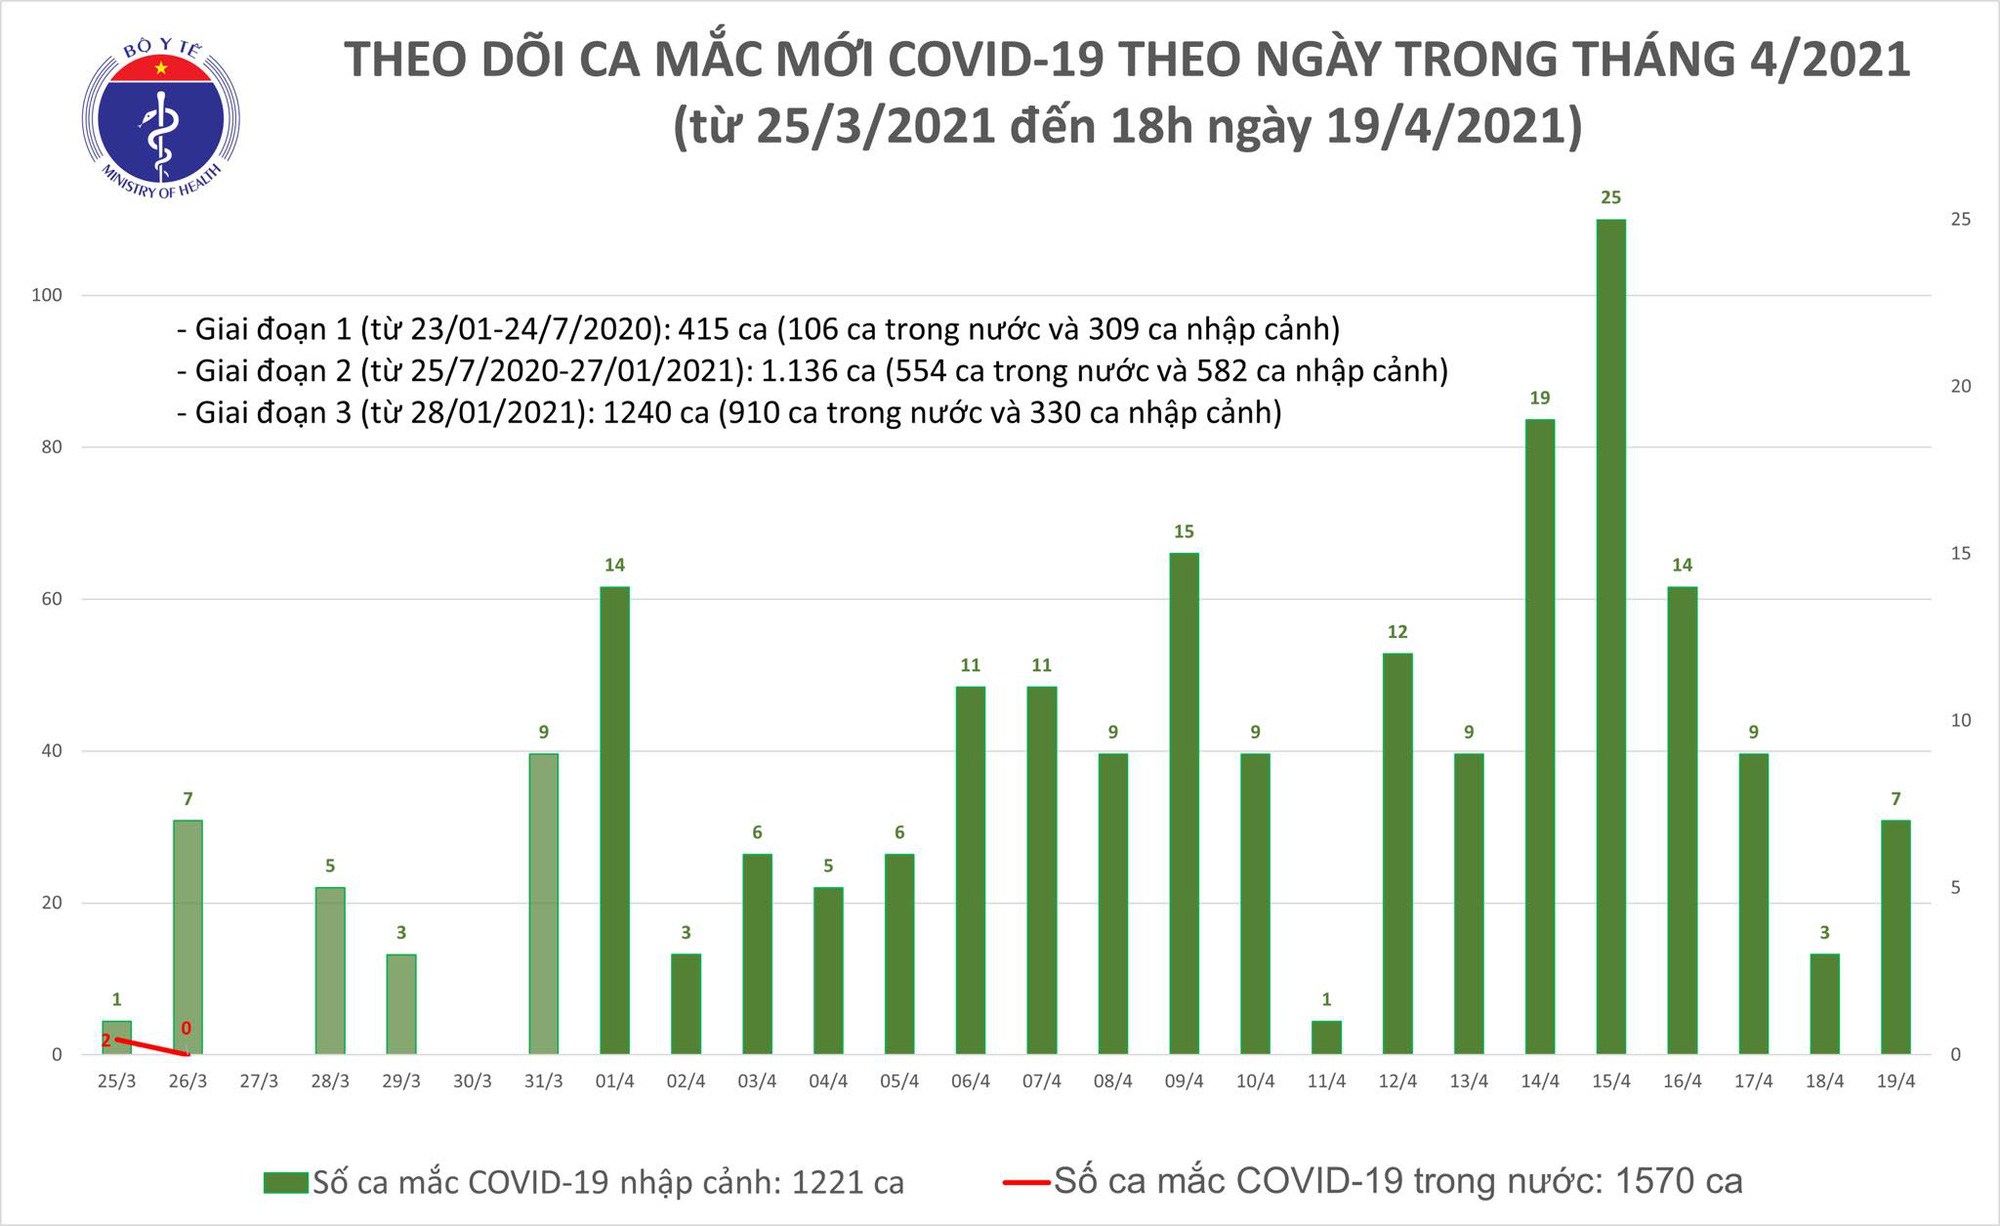 Chiều 19/4 có 6 ca Covid-19 mới gồm  2 người Ân độc và 4 người Việt - Ảnh 1.